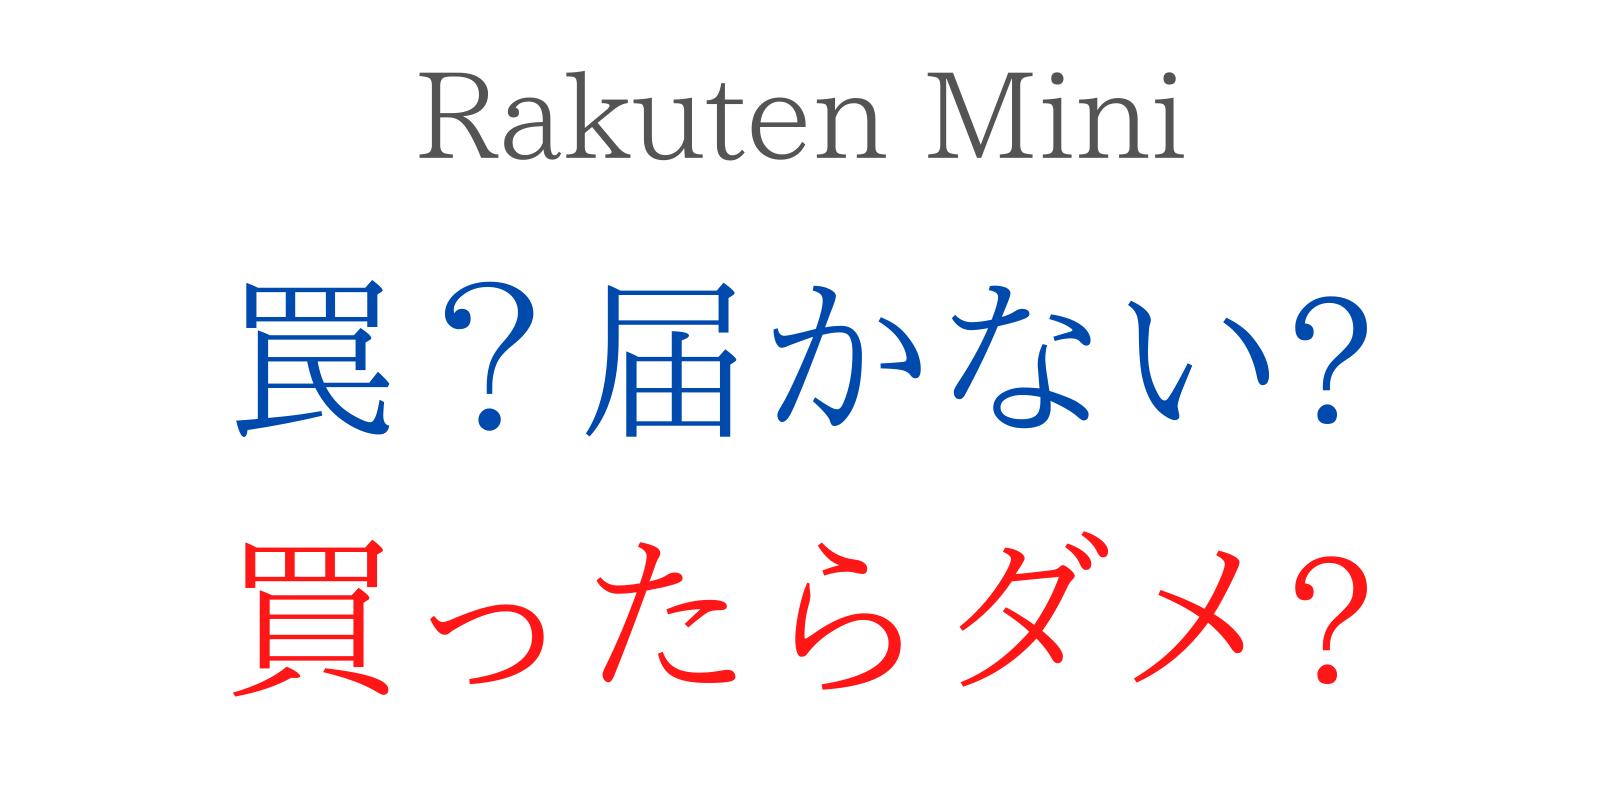 Rakuten Miniの1円は届かないので失敗